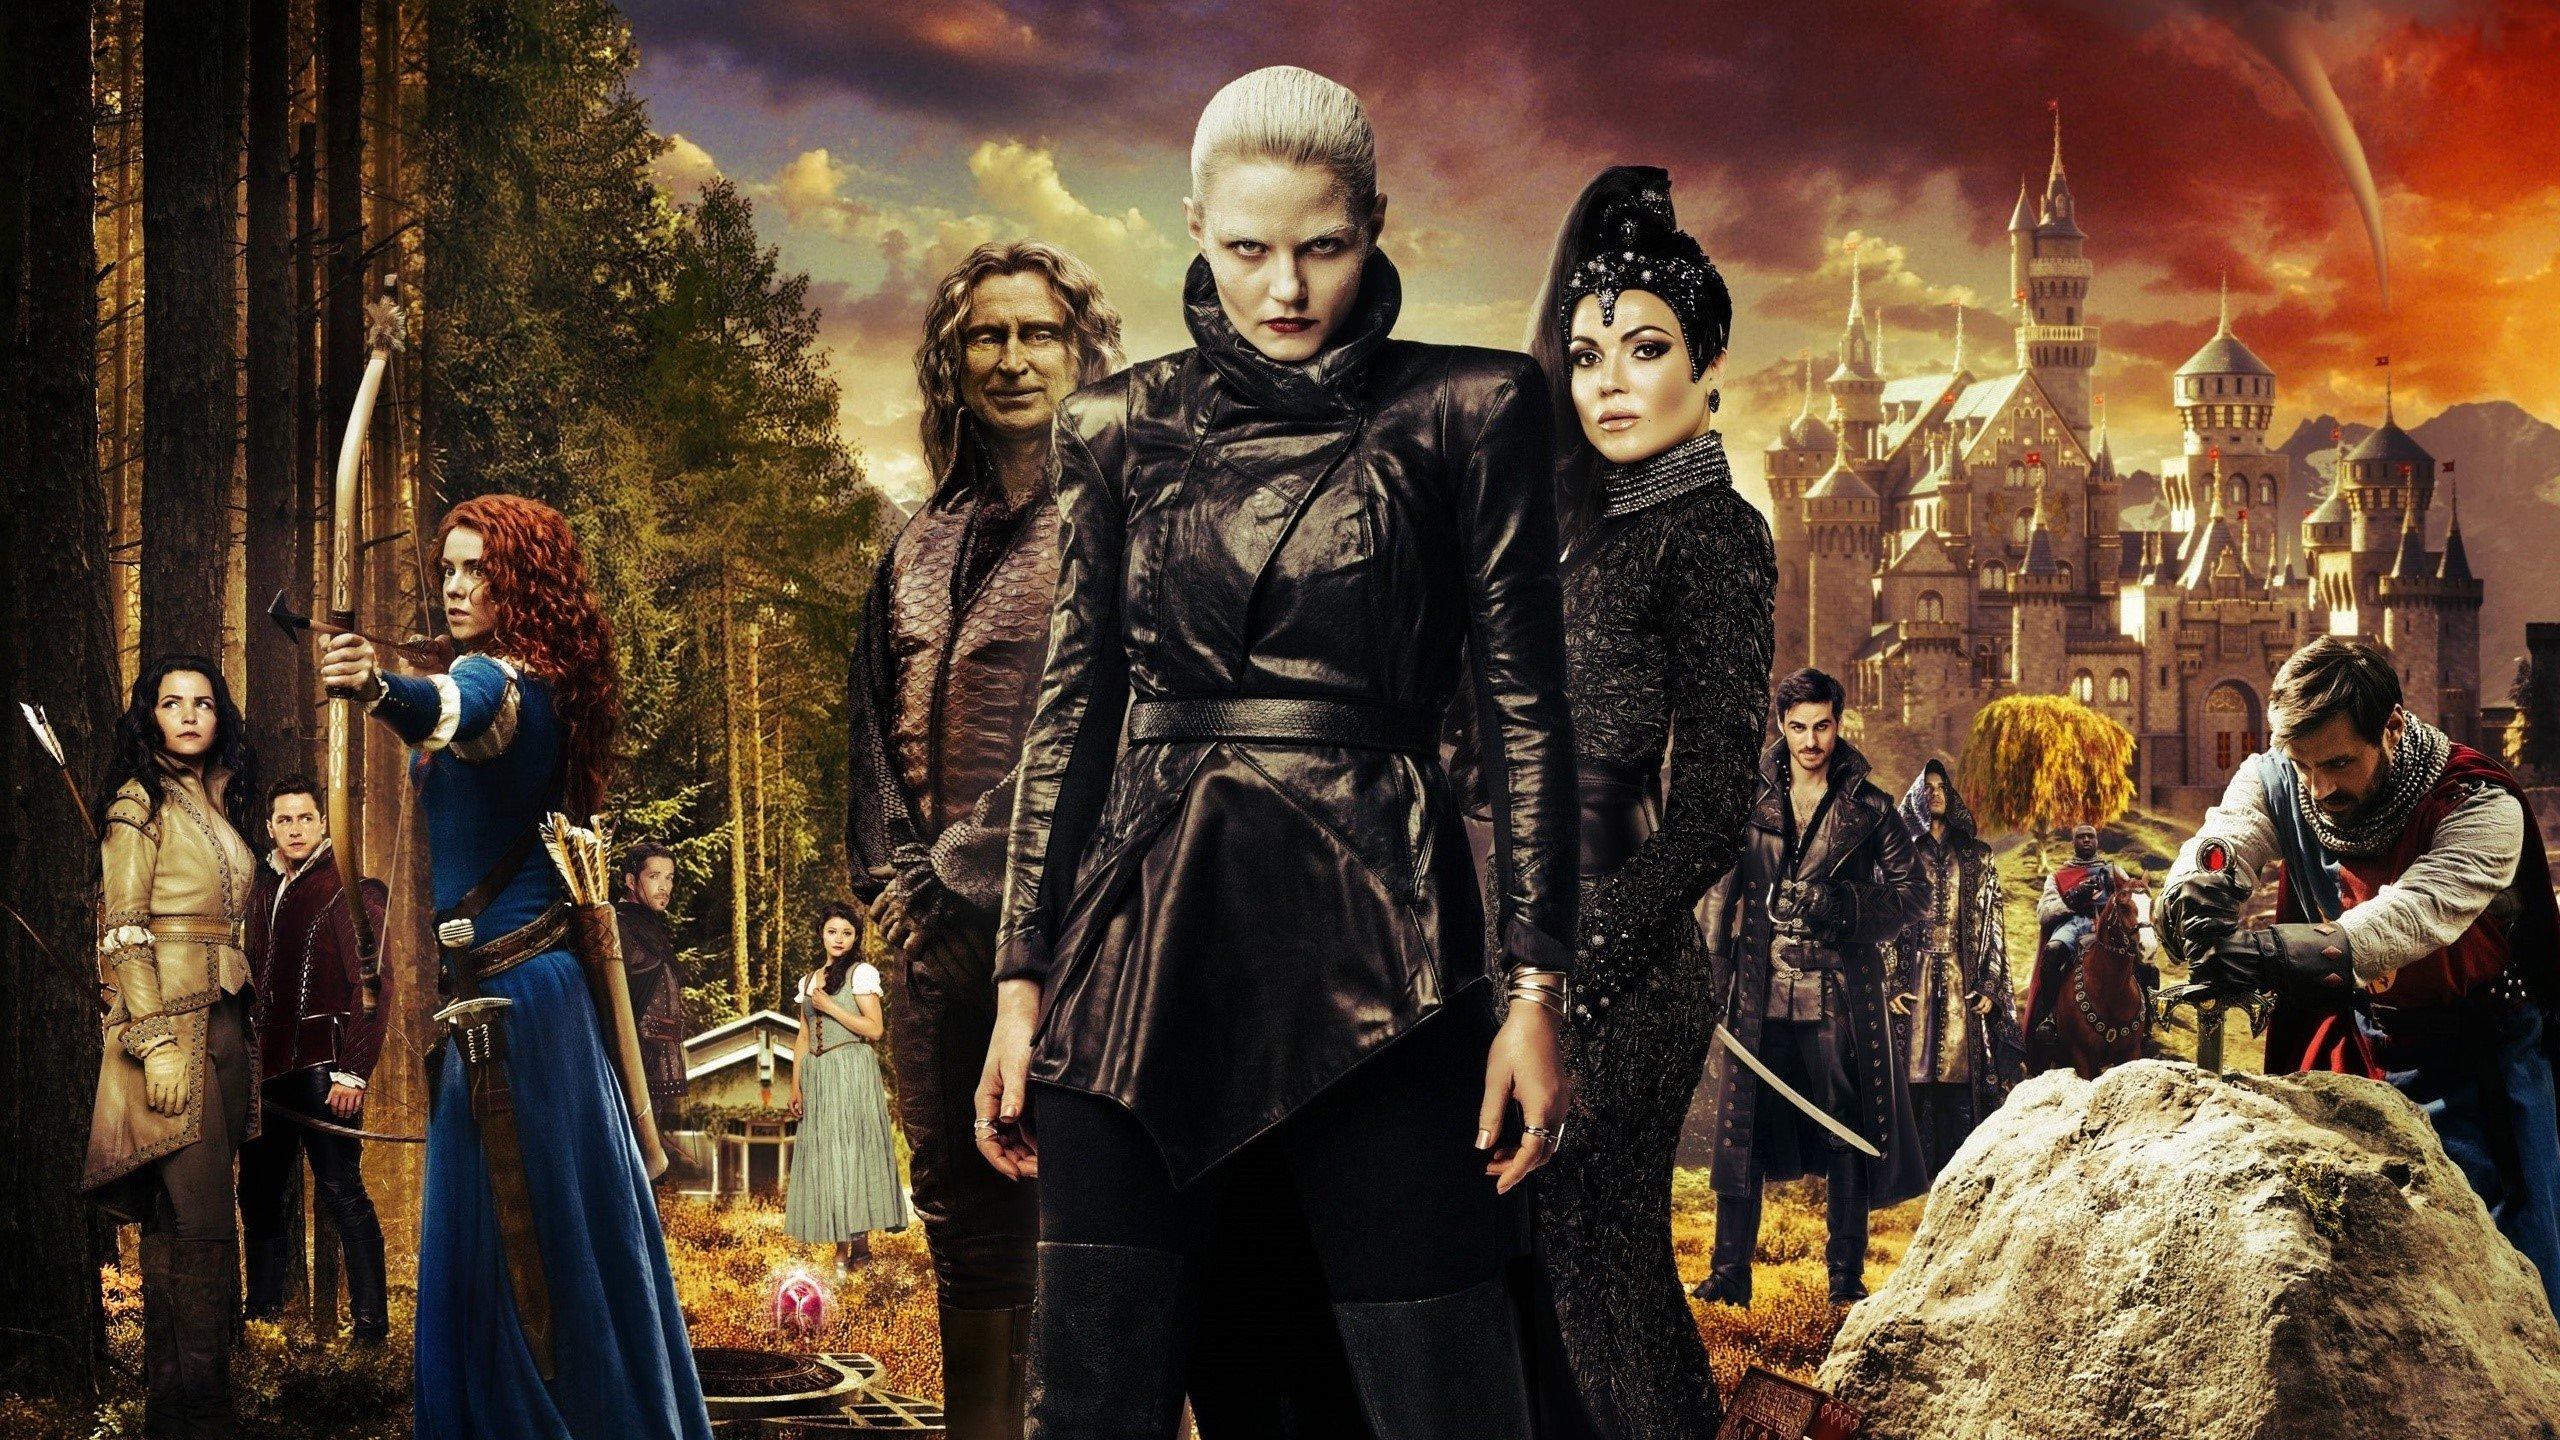 Fondo de pantalla de Temporada 5 de Once upon a time Imágenes